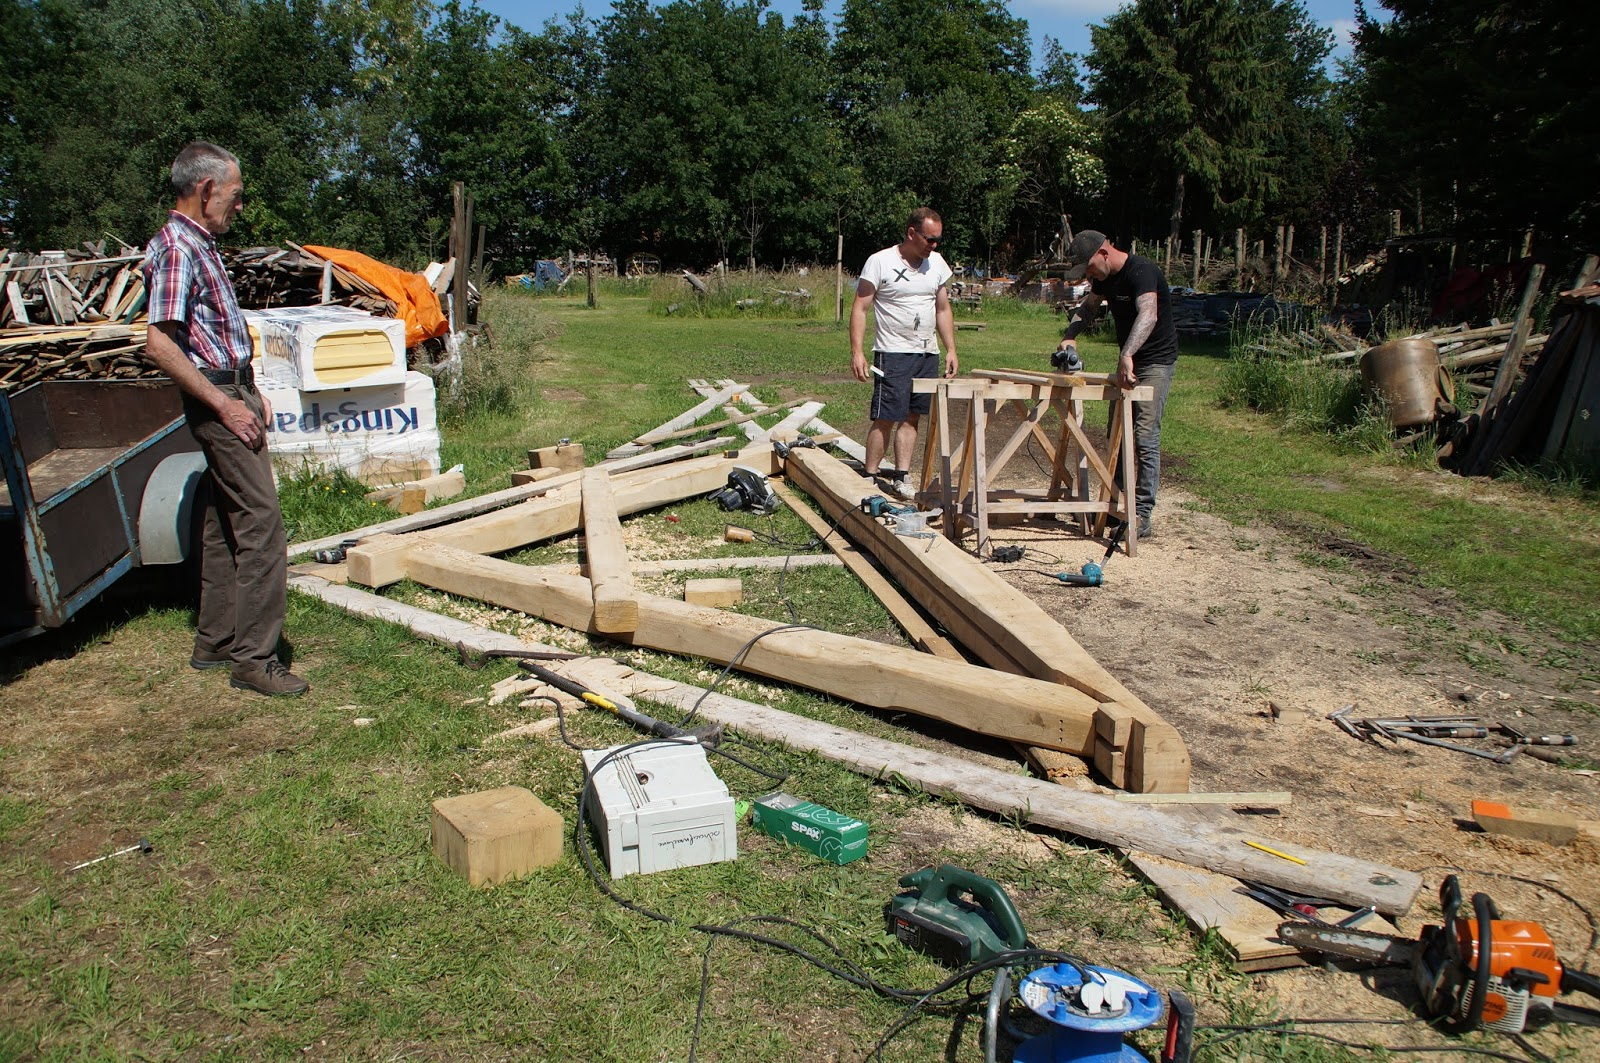 De verbouwing van een 200 jaar oude boerderij Hout en